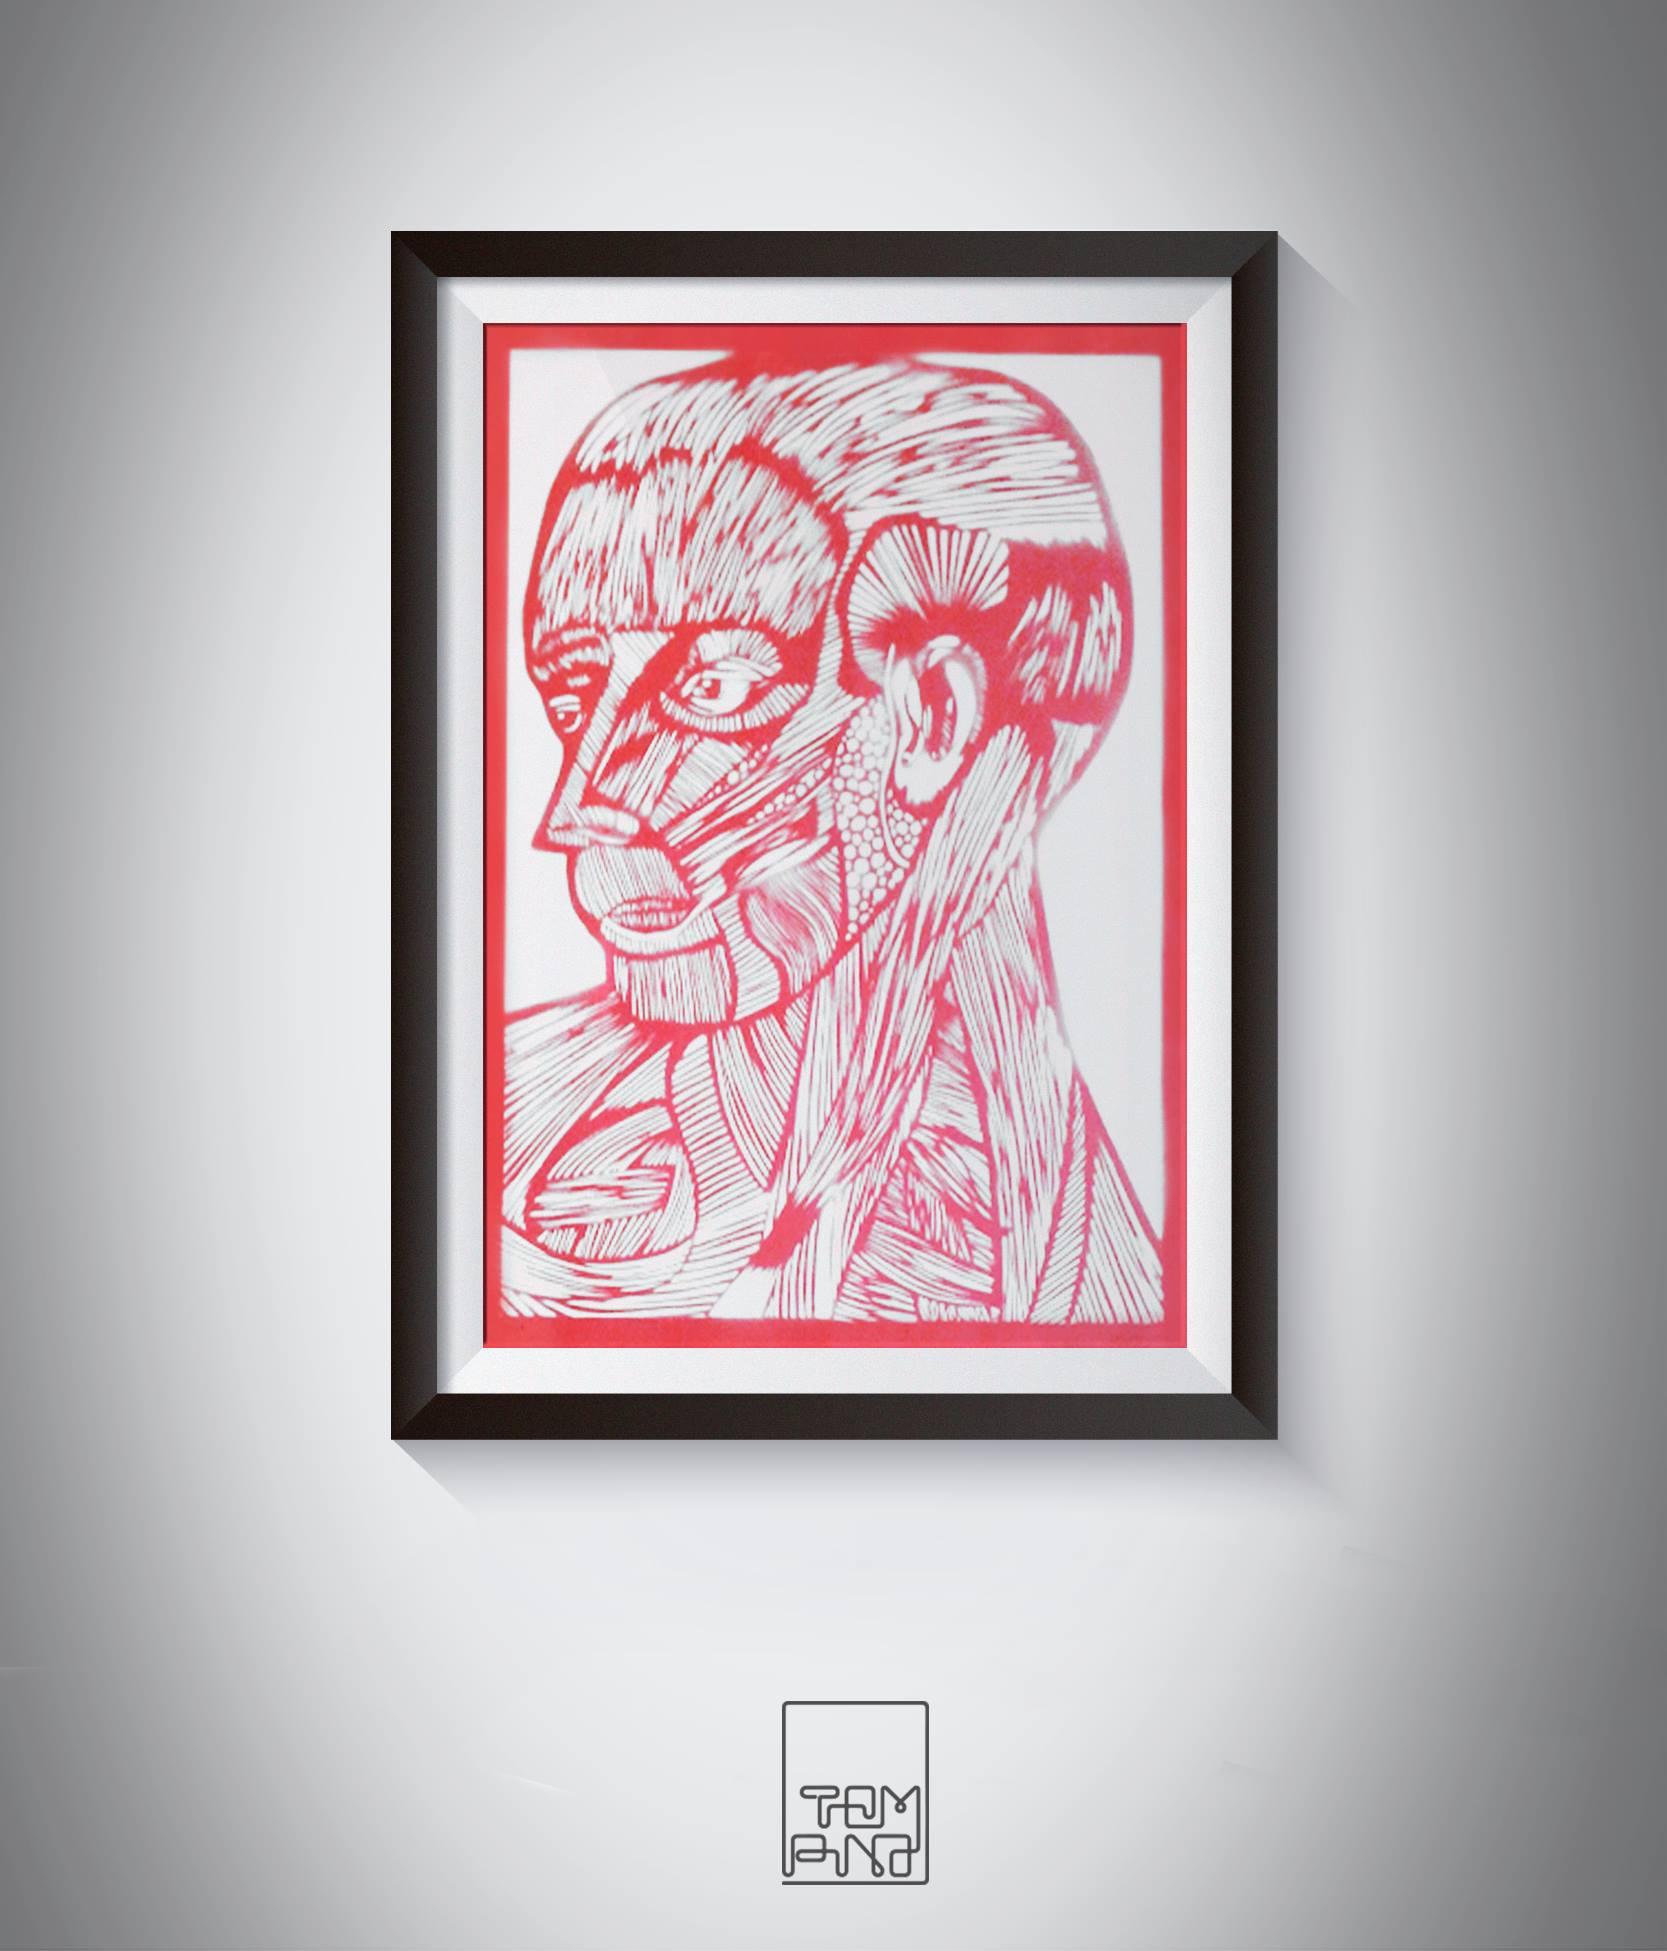 tom-pina-stencil-dionisio-arte-10